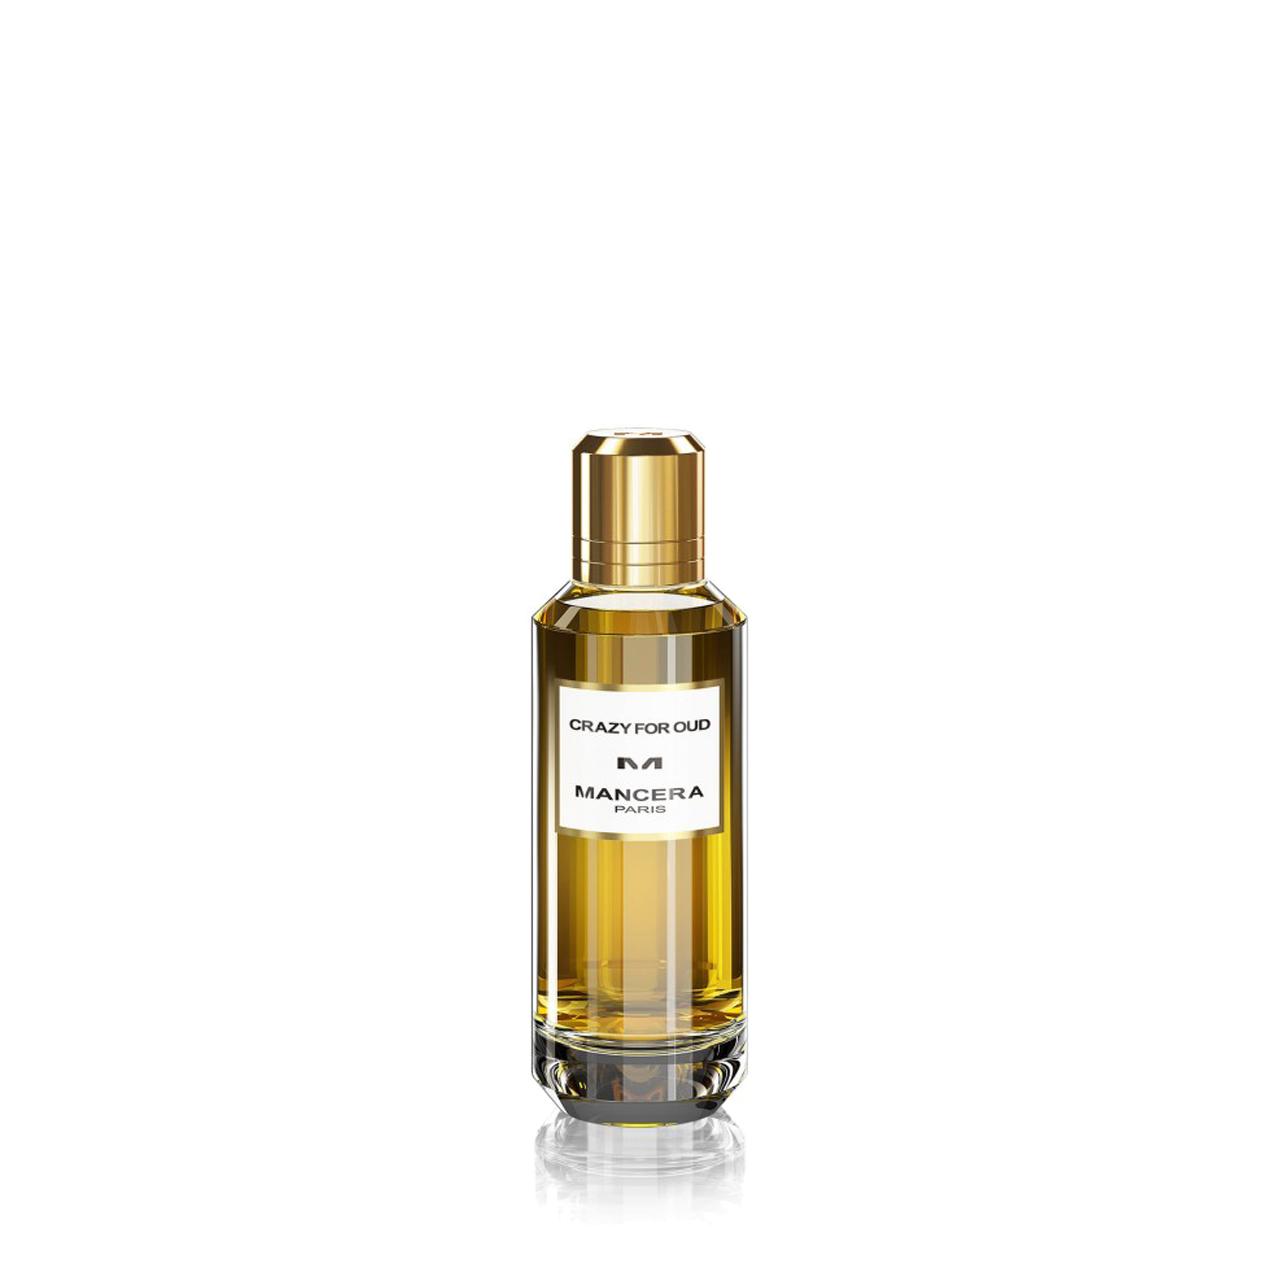 Crazy For Oud - Eau de Parfum